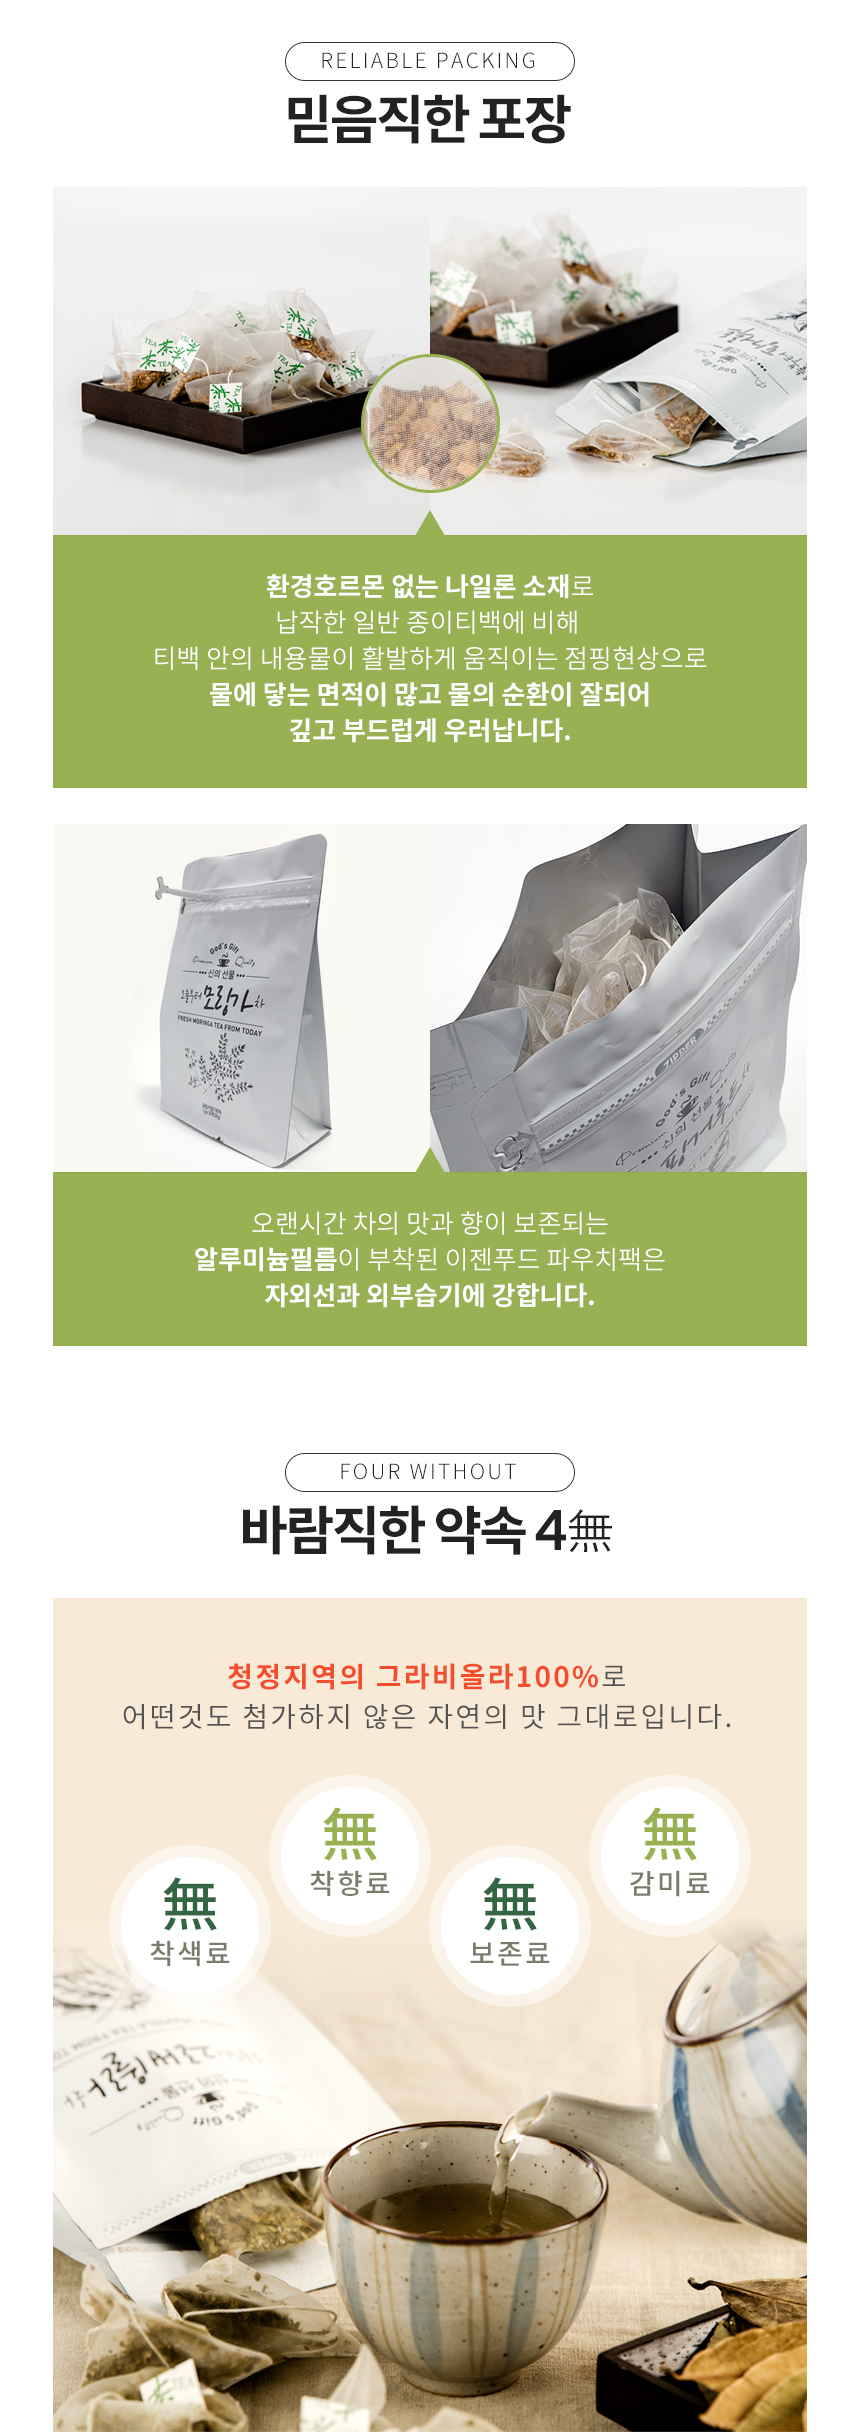 오늘부터 자연건조 그라비올라티백 차 30개입 - 김원행, 7,040원, 차, 허브차/녹차/마테차